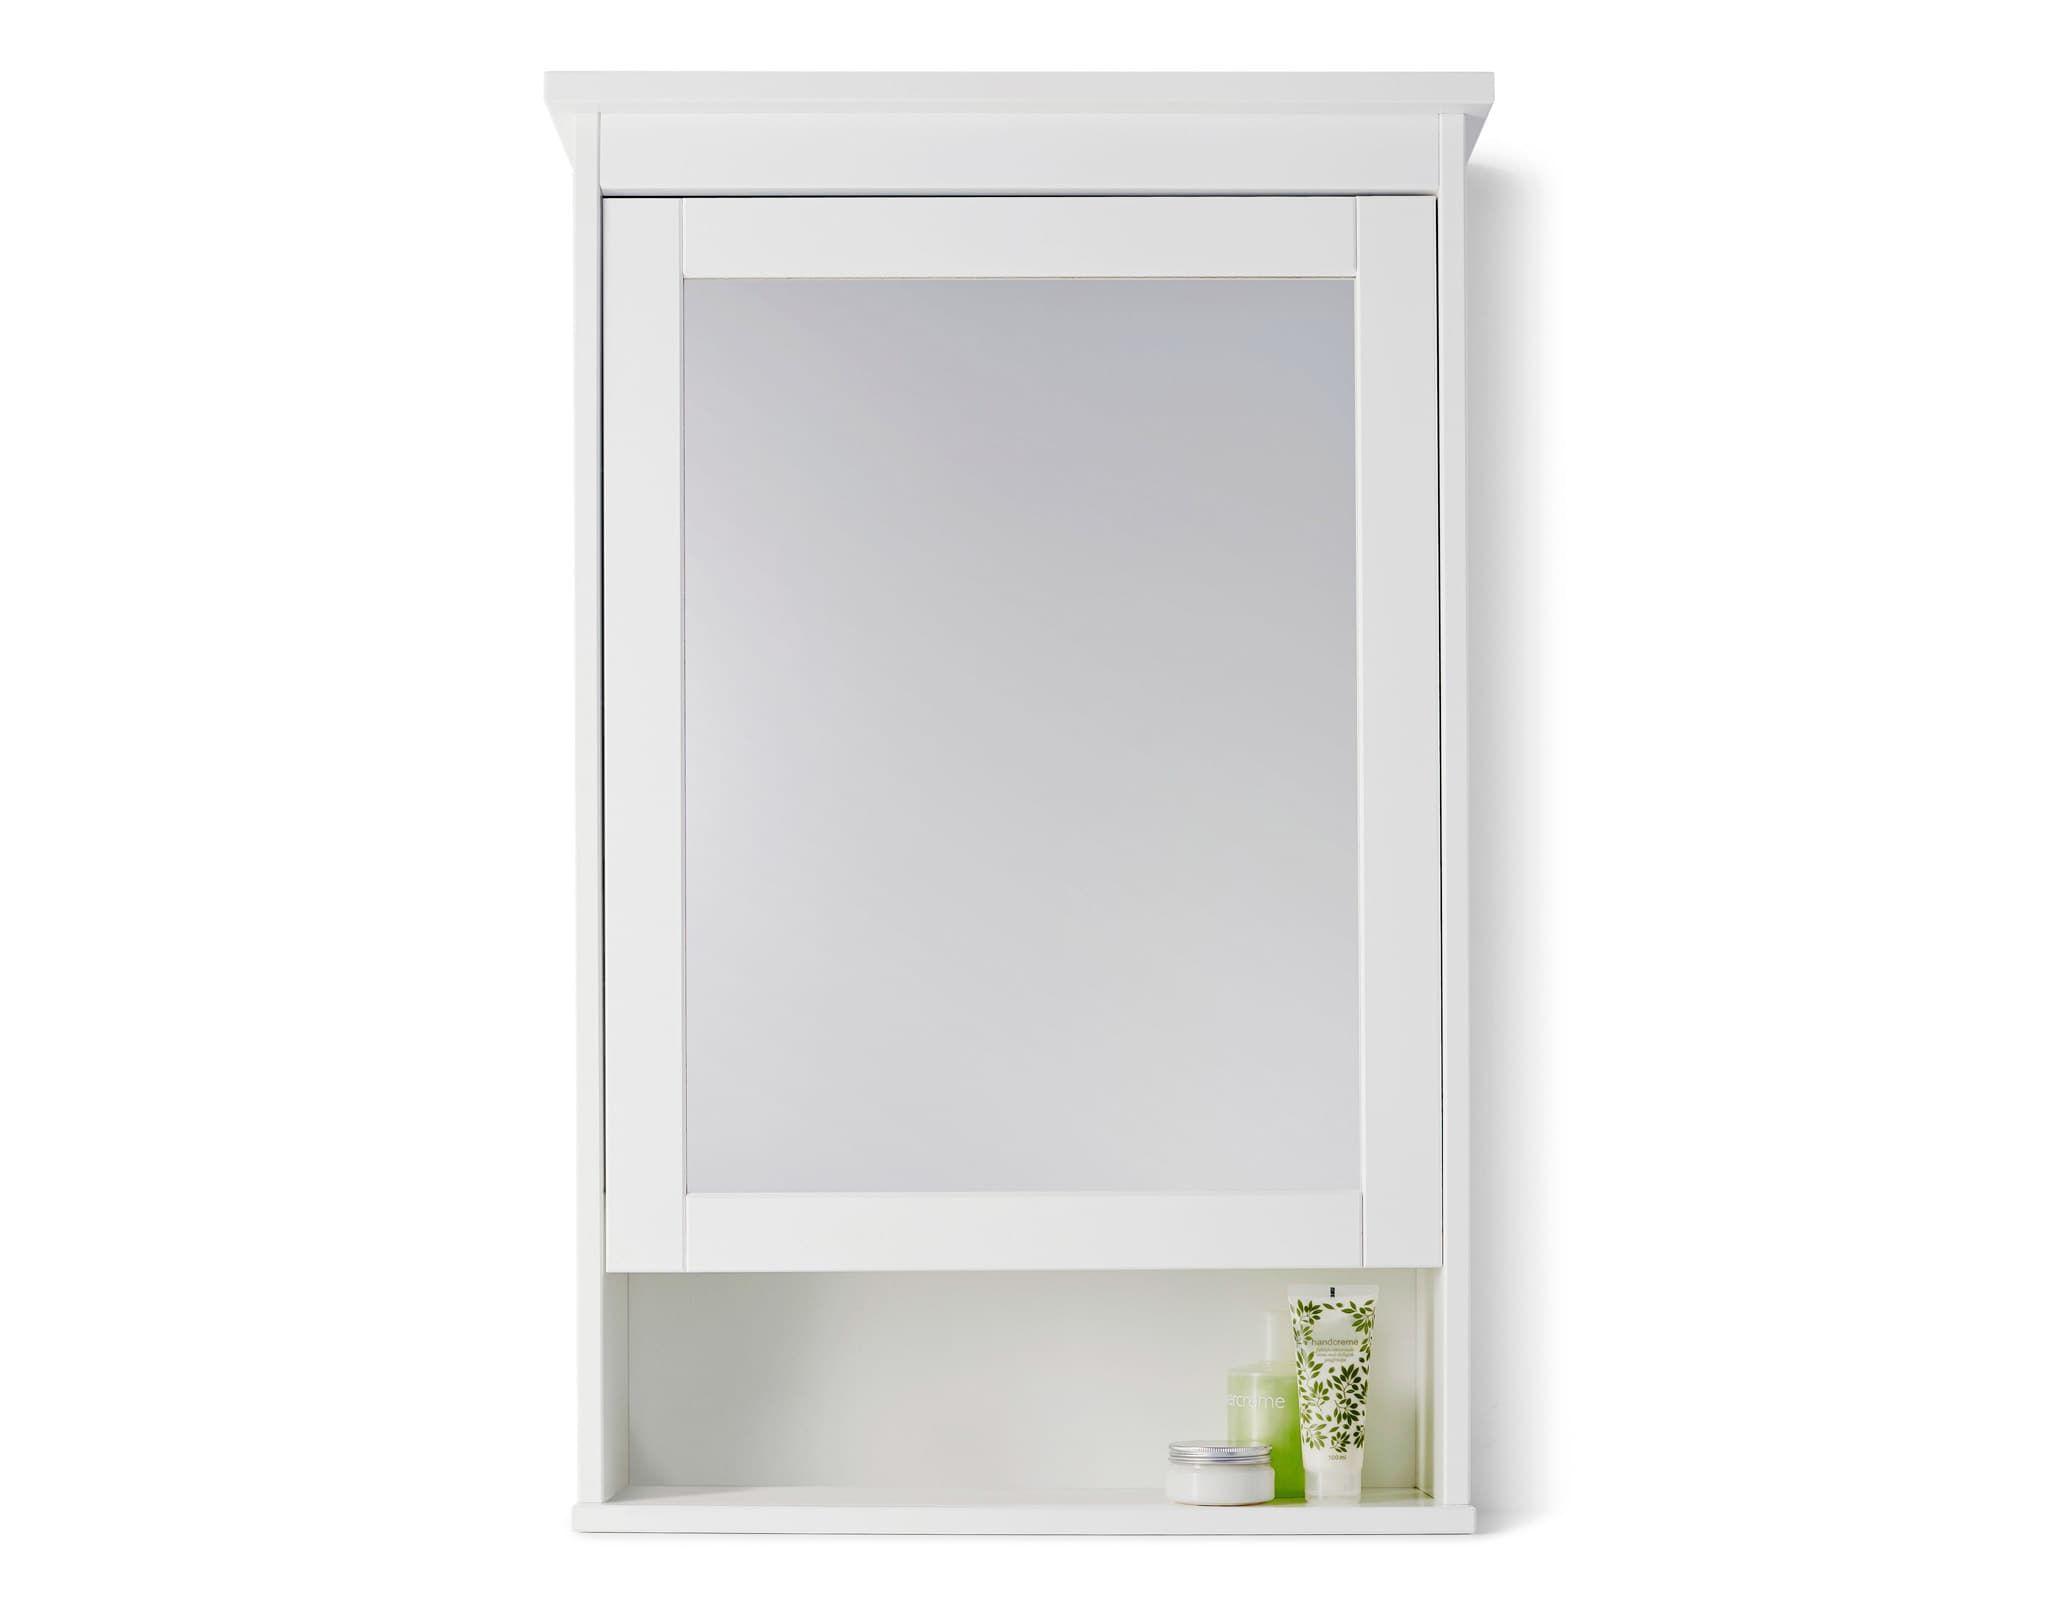 Spiegelschrank Badezimmer Mit Bildern Badspiegel Mit Regal